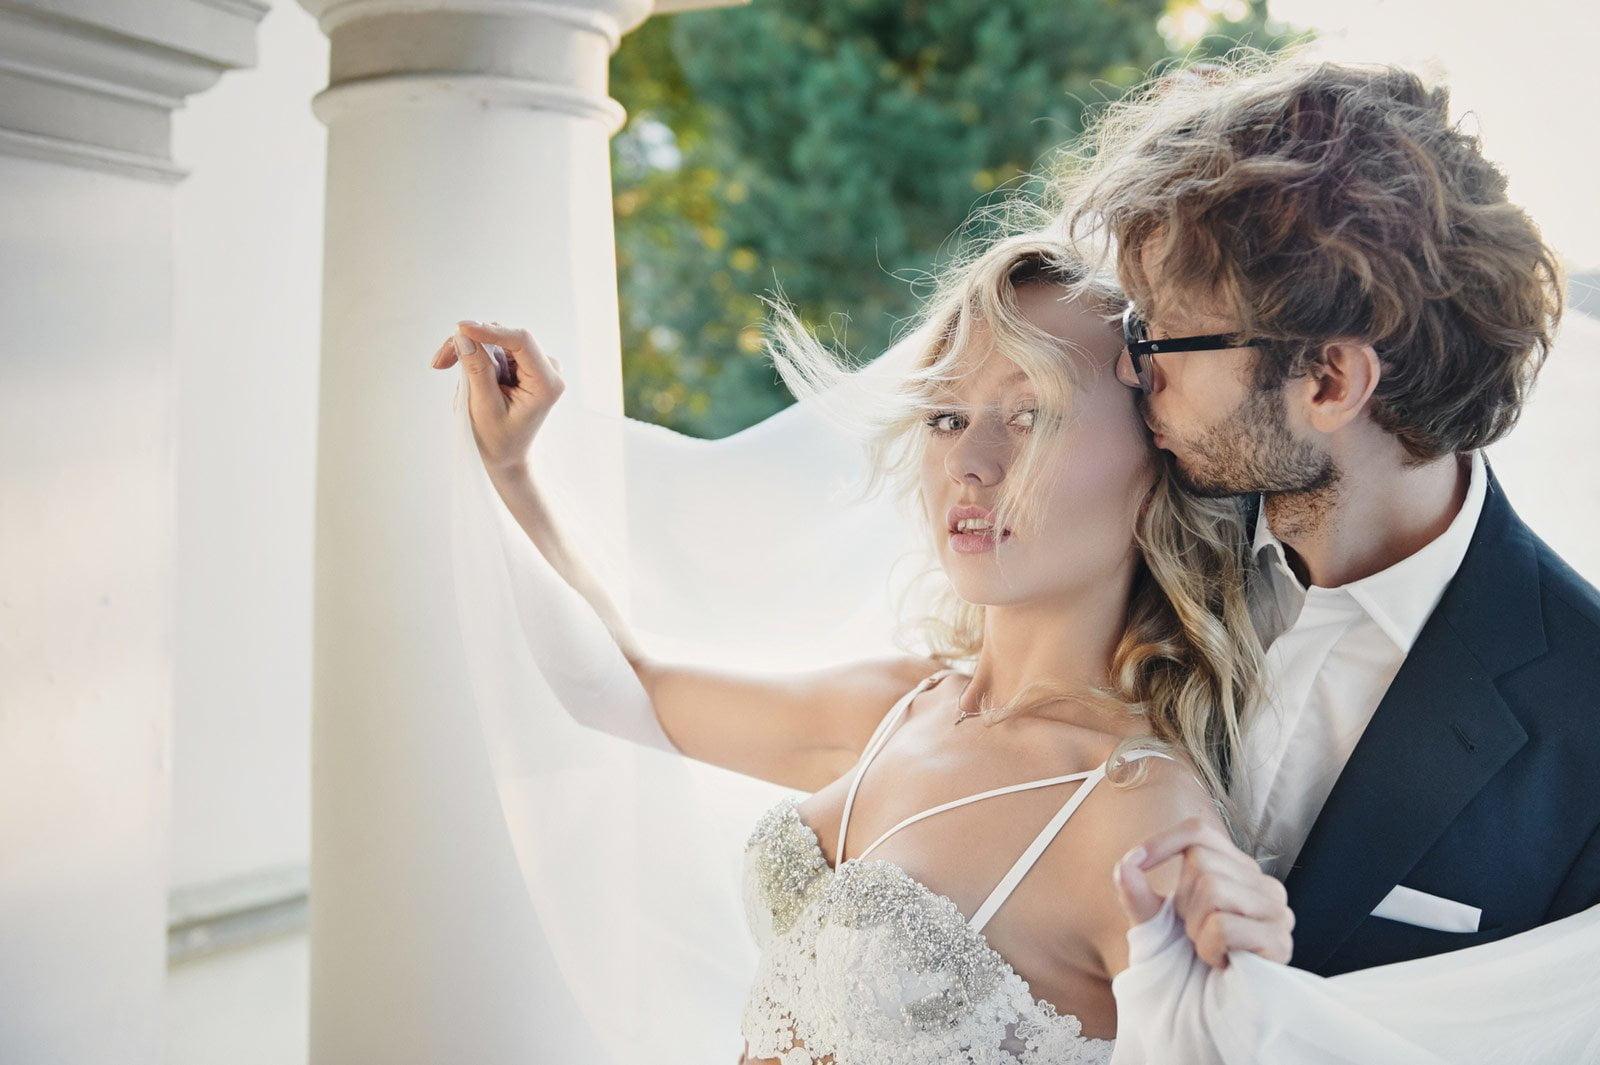 Ślub i wesele a koronawirus w Polsce | Sesja ślubna w domu 27